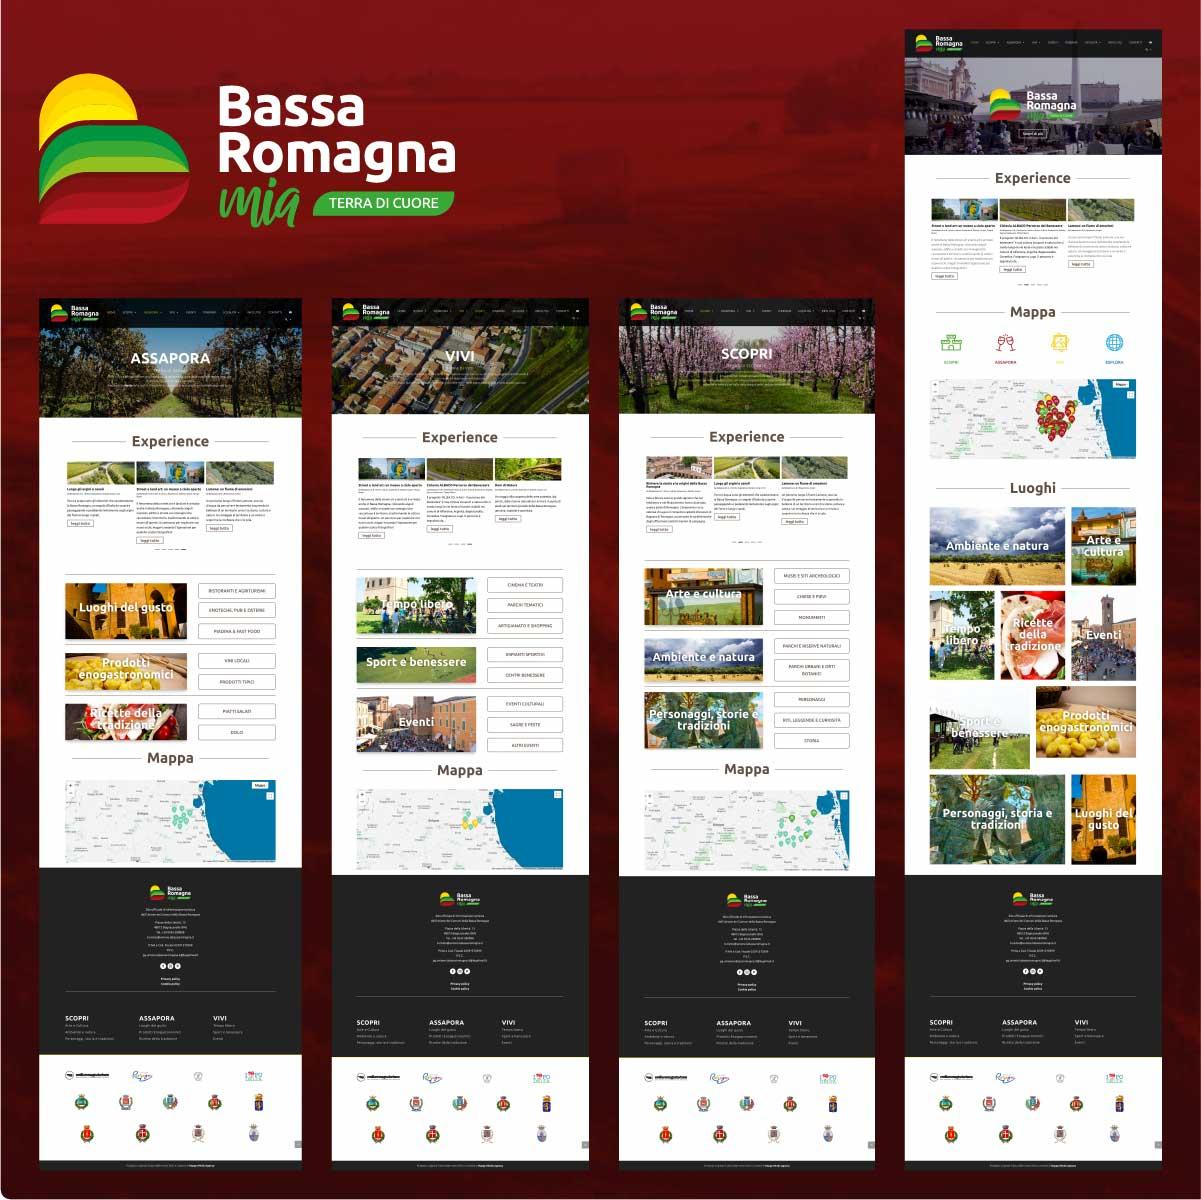 bassa romagna mia portale turismo web-development-1